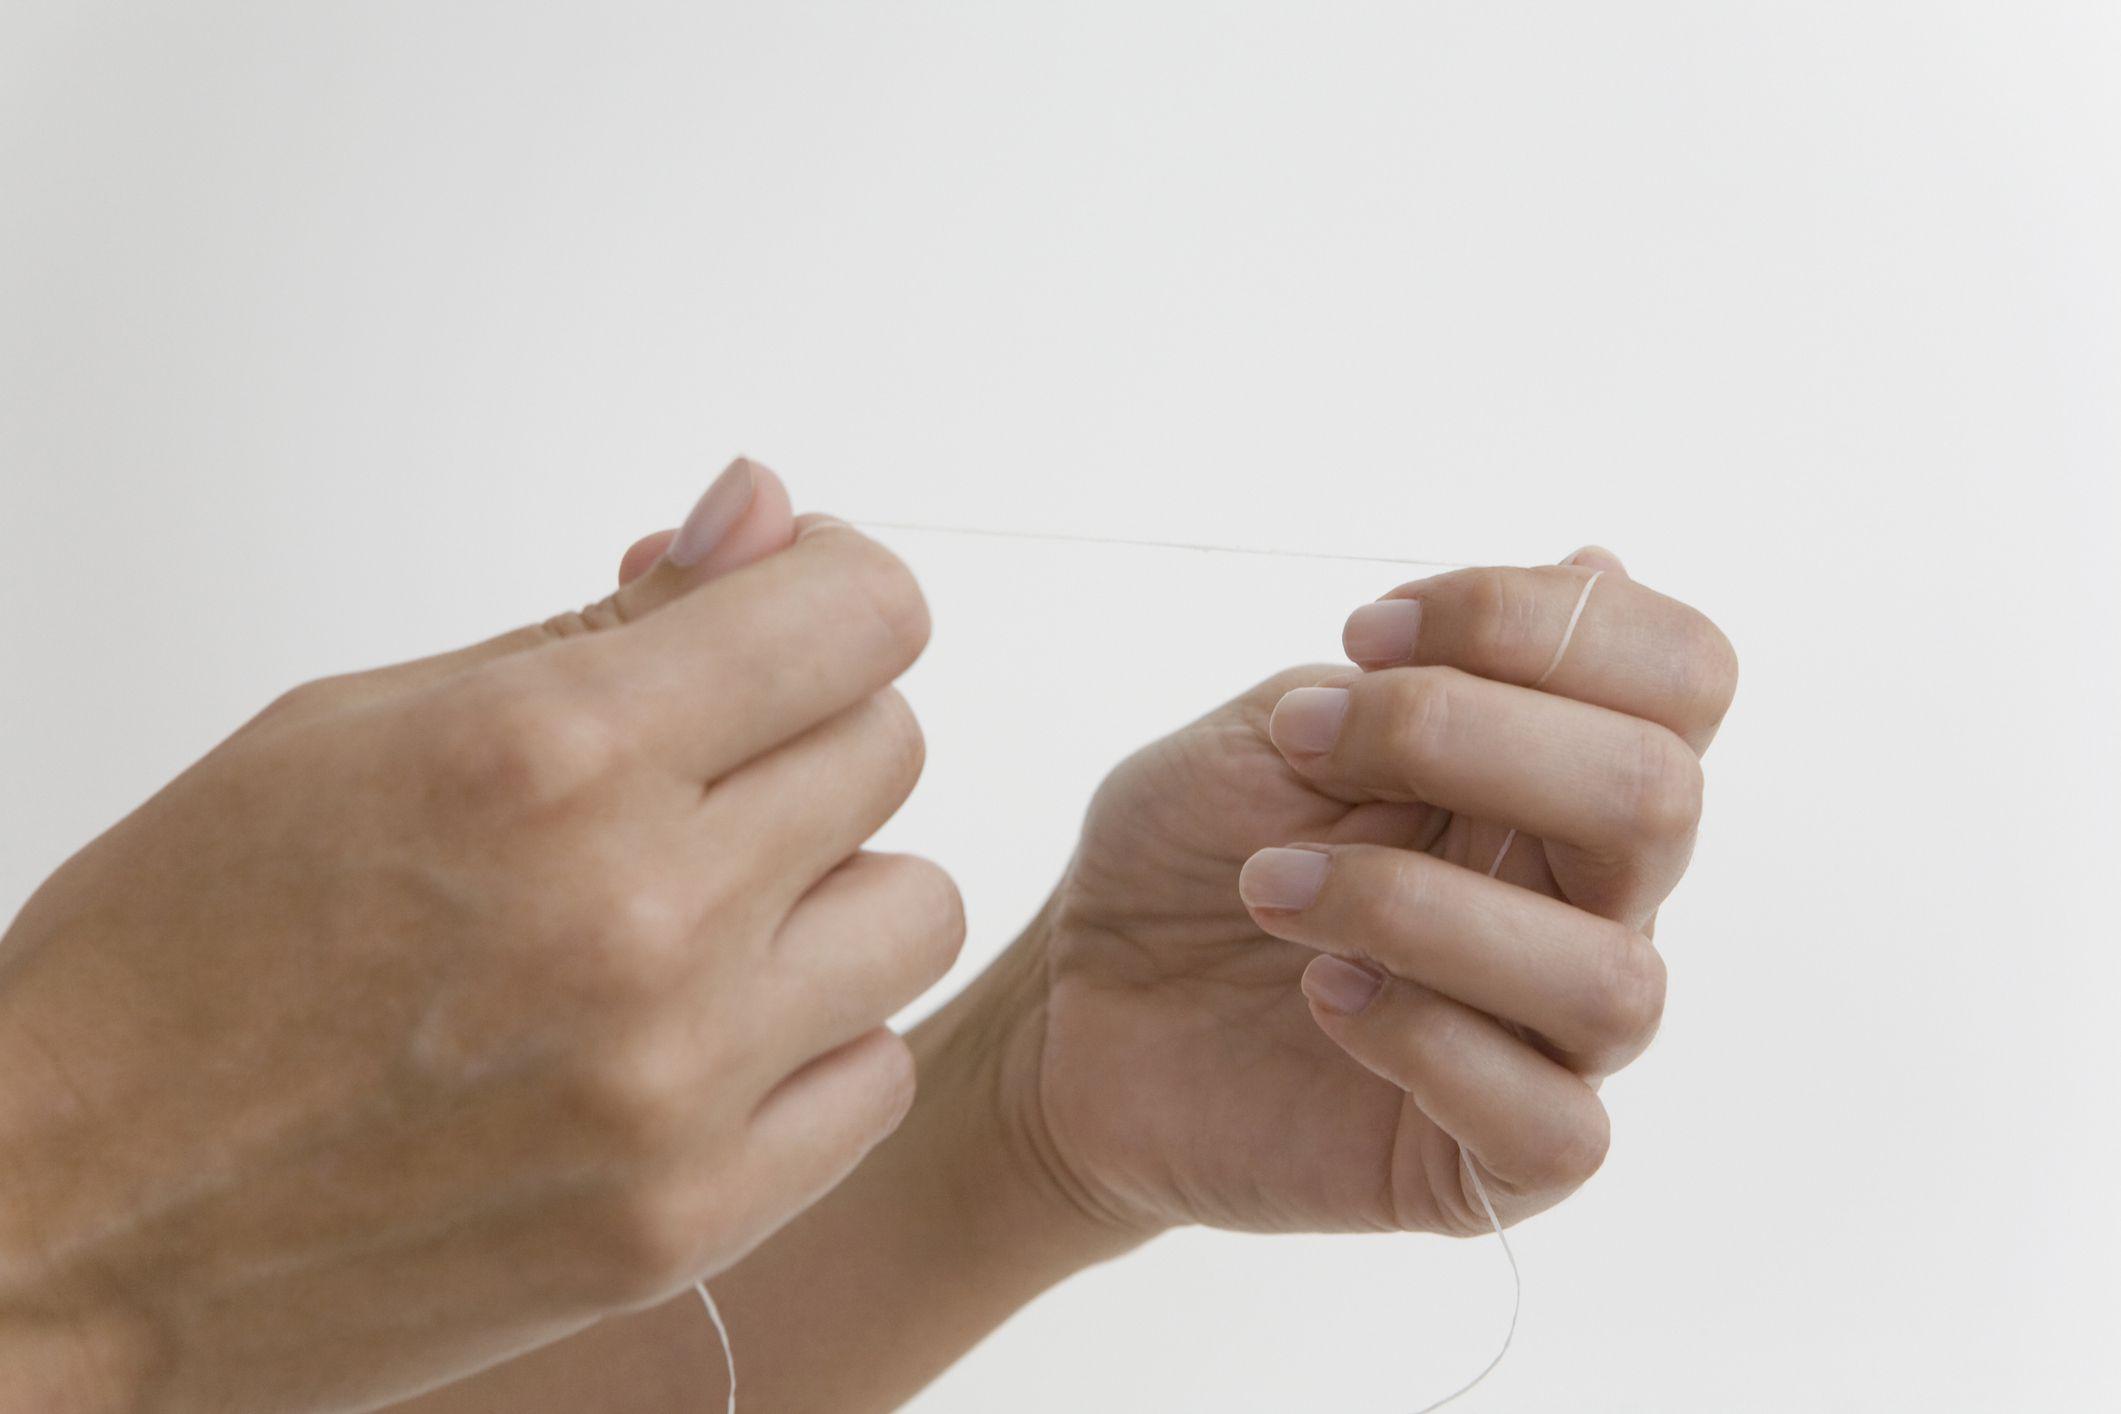 woman's hands holding dental floss